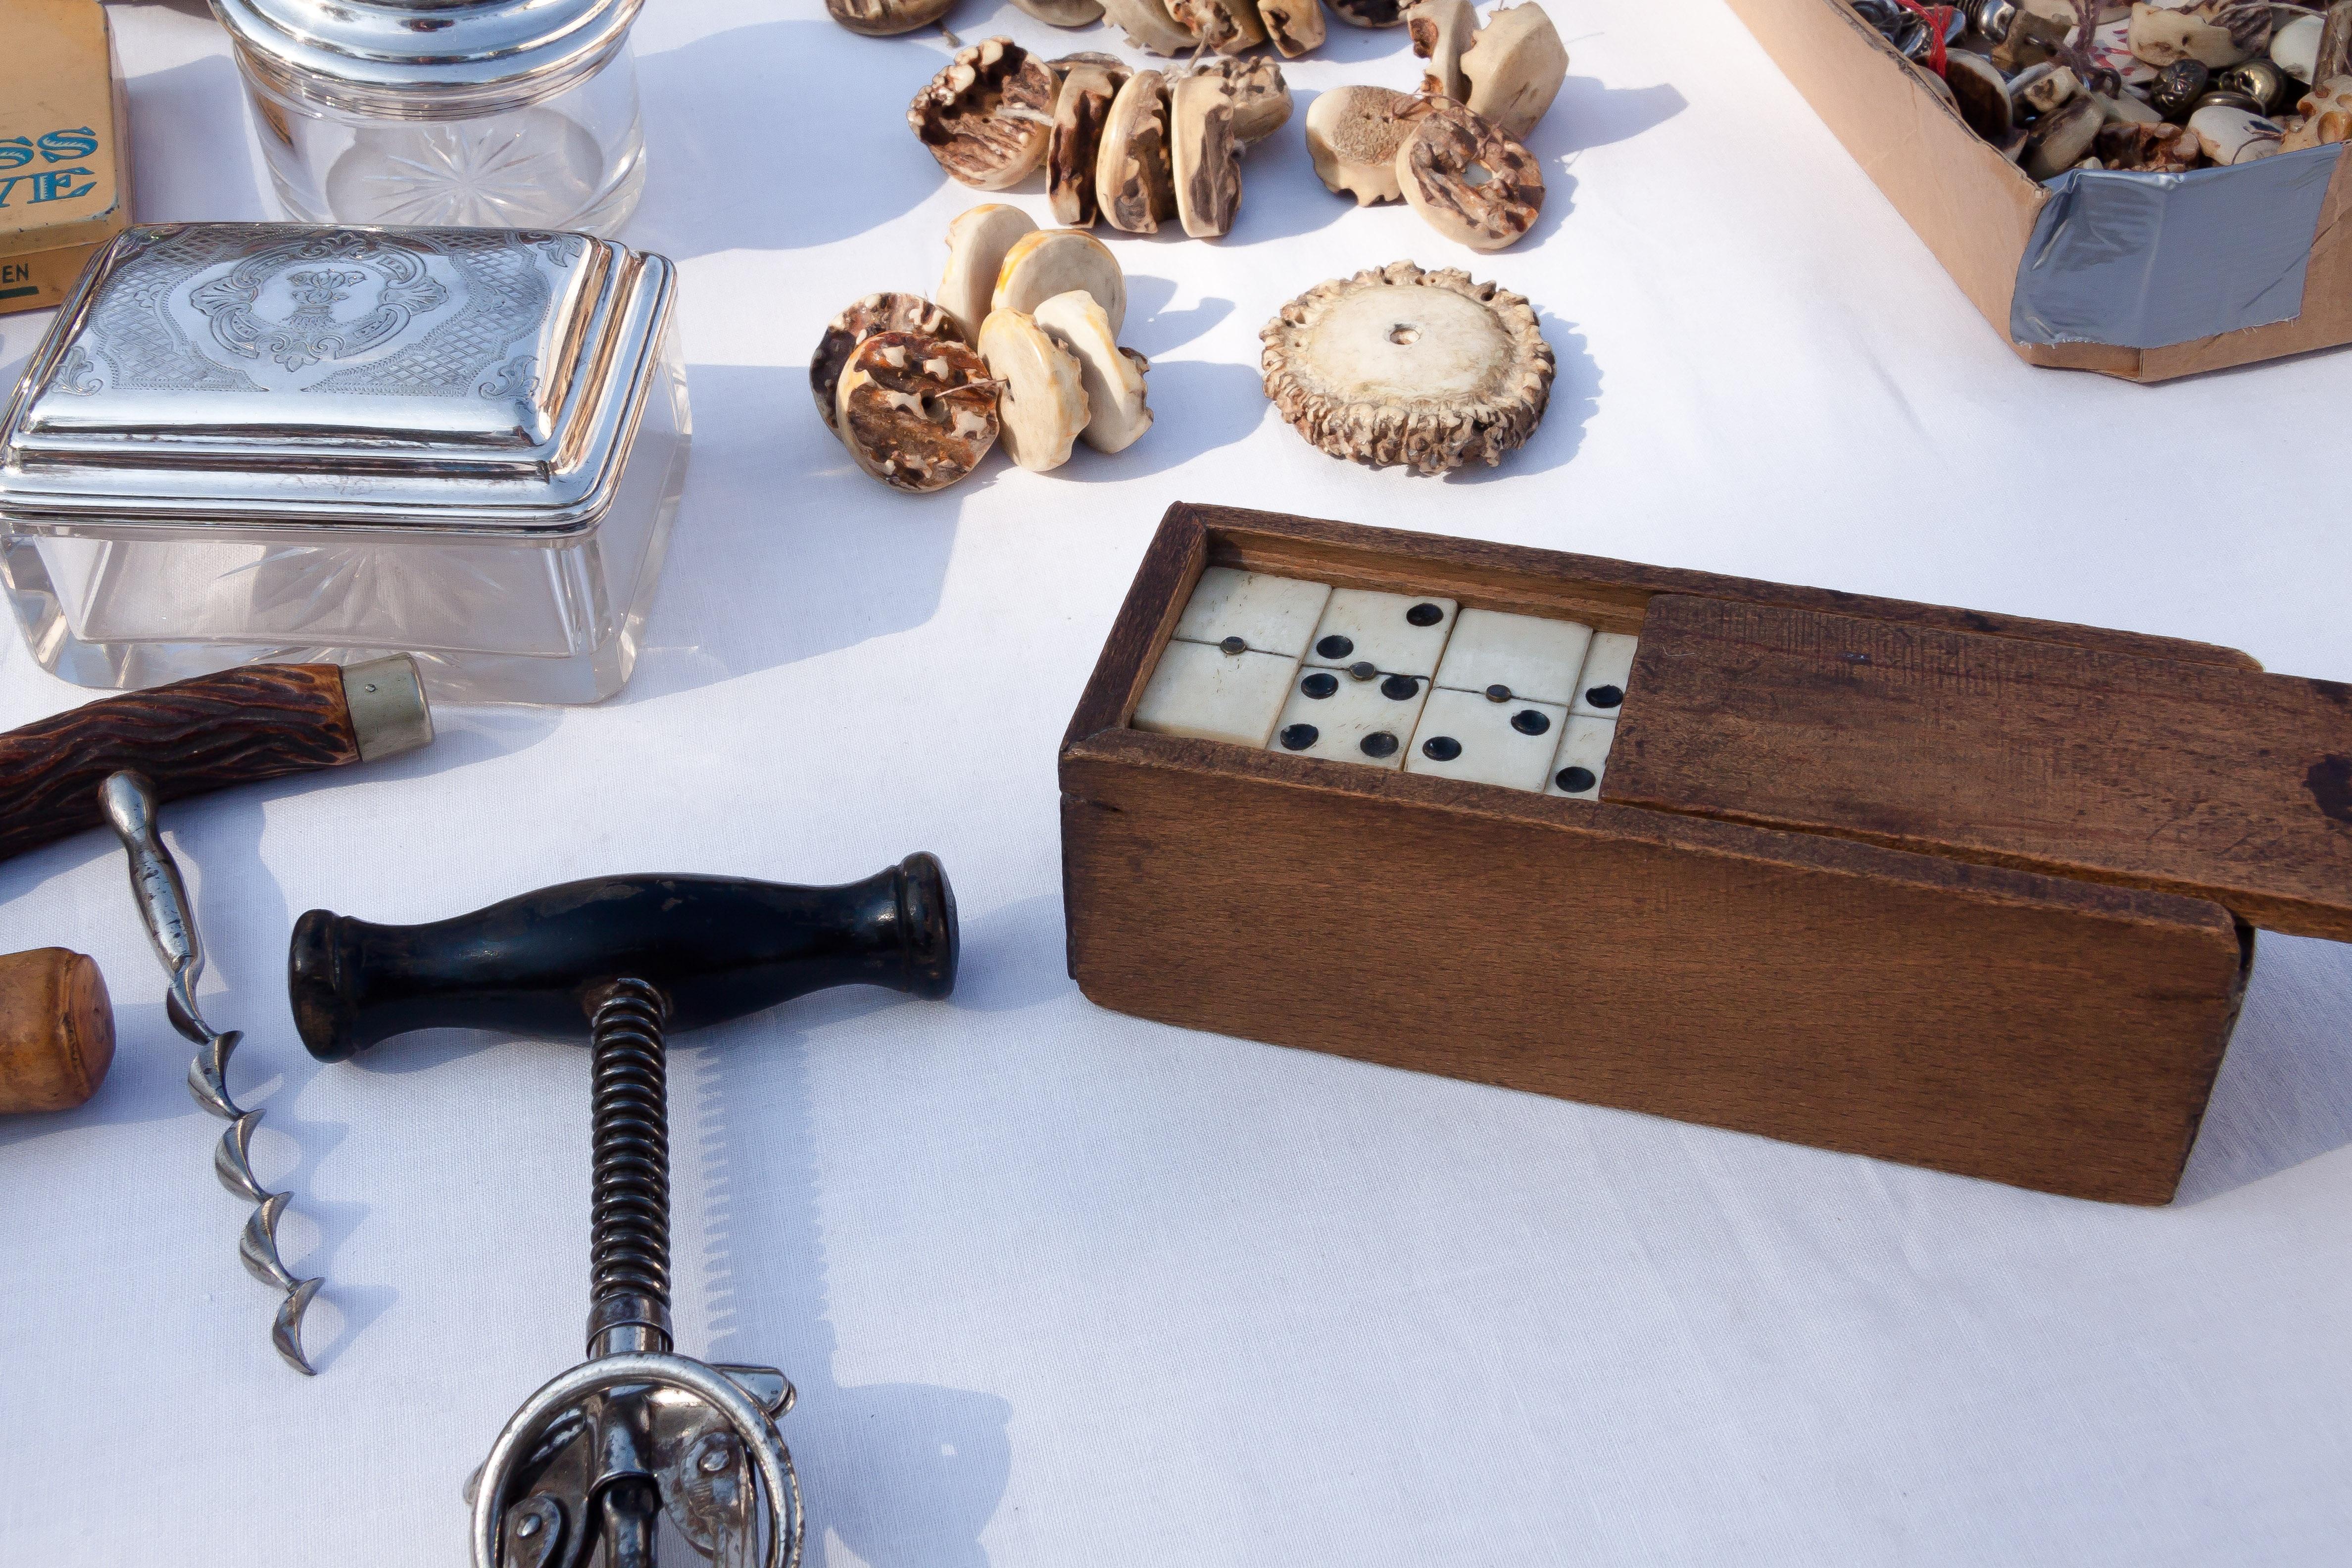 Produktdesign Möbel kostenlose foto tabelle holz antiquität alt schrott möbel